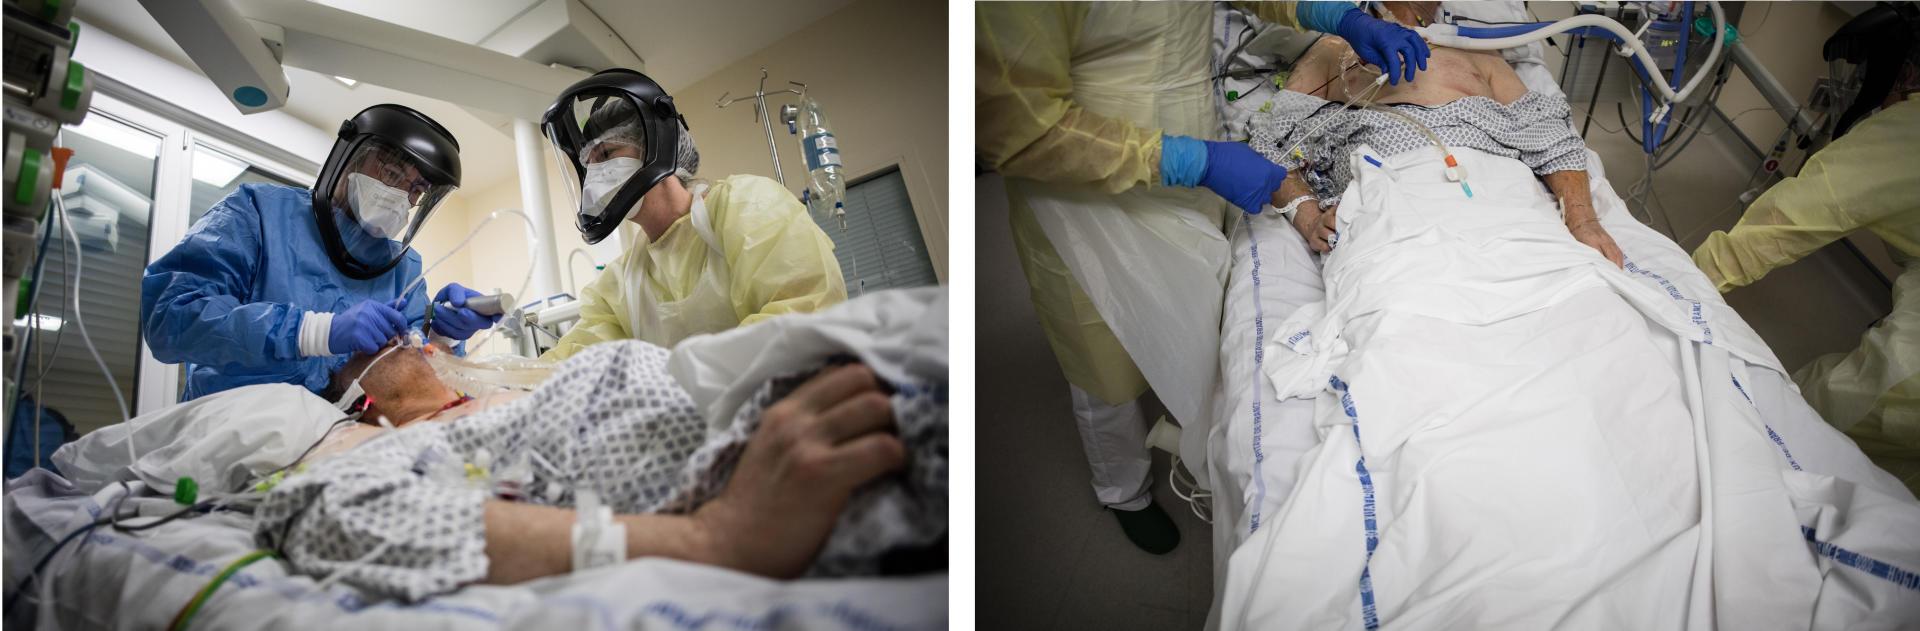 22 h 42. Un infirmier de réanimation et une aide-soignante mettent en place la sonde gastrique qui permettra d'alimenter le patient 42.